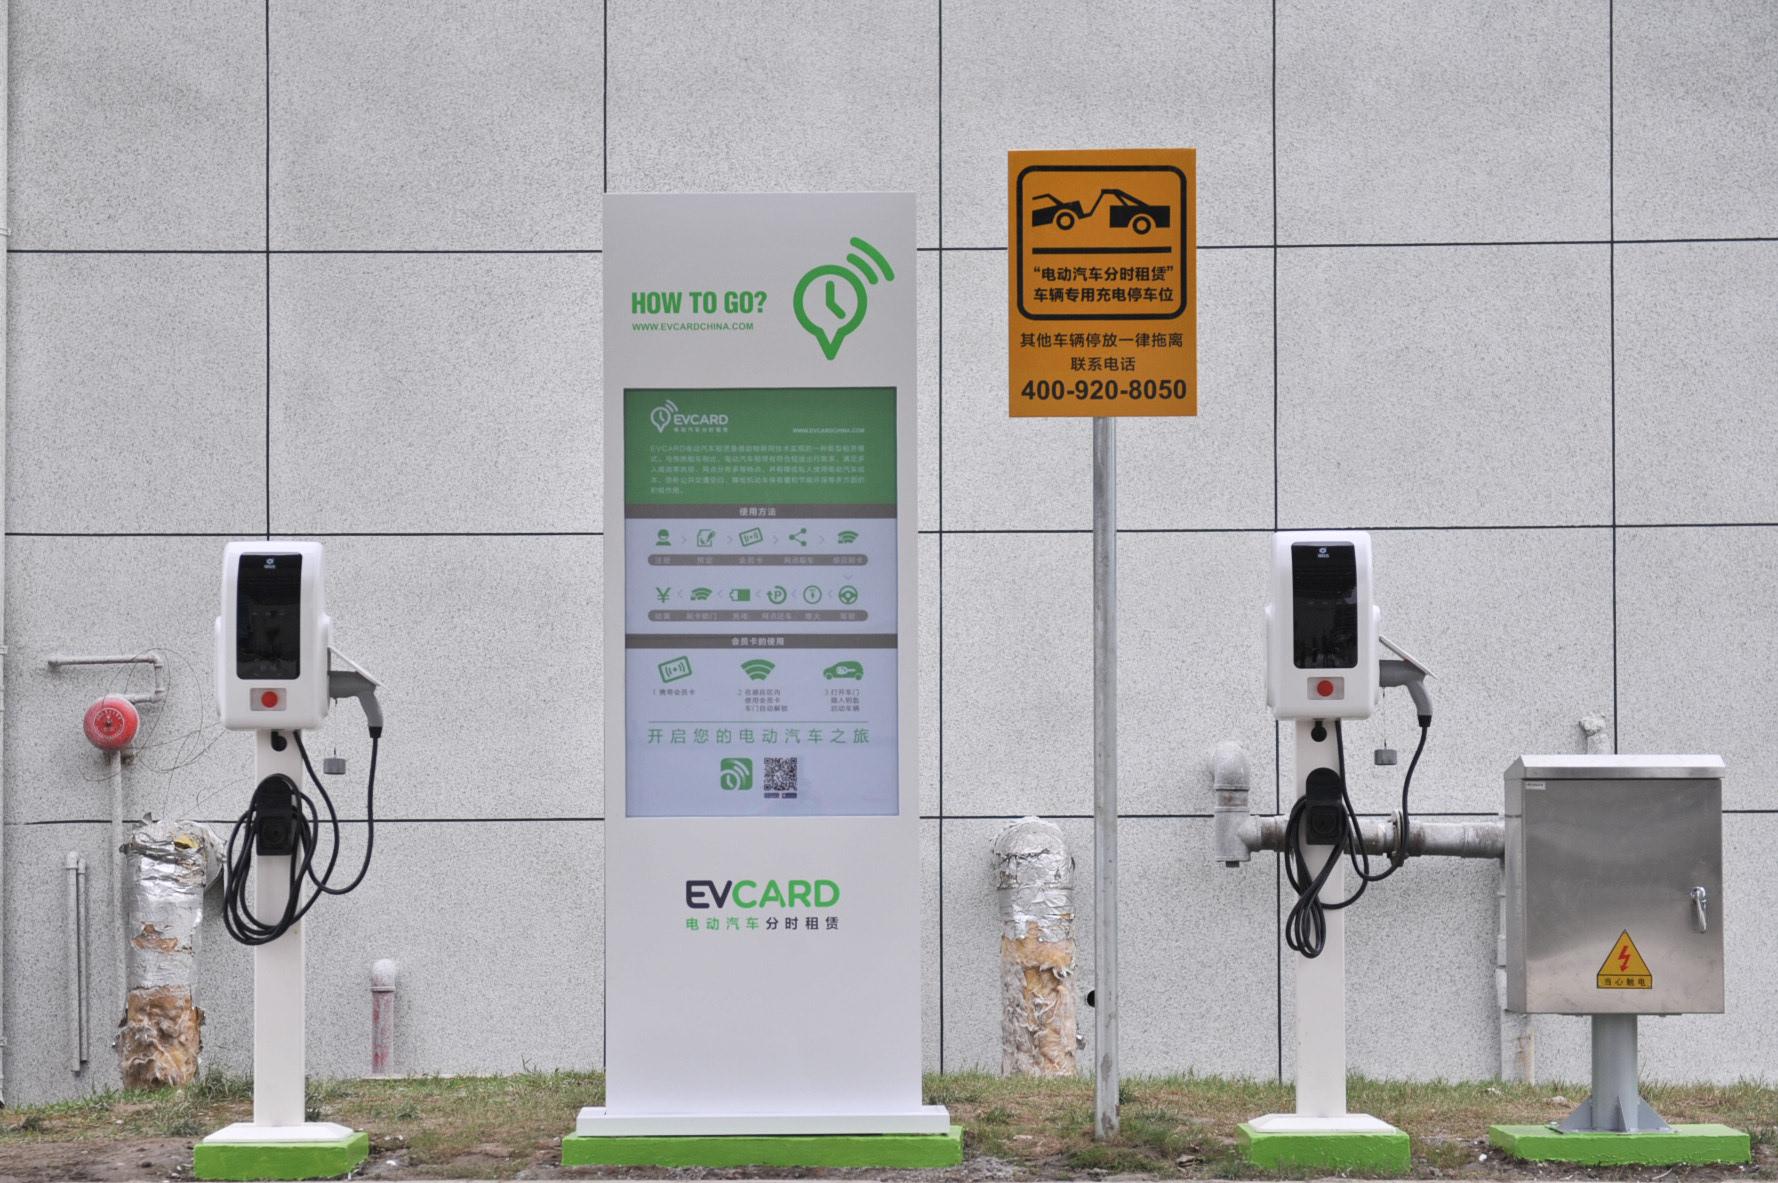 新能源汽车分时租赁